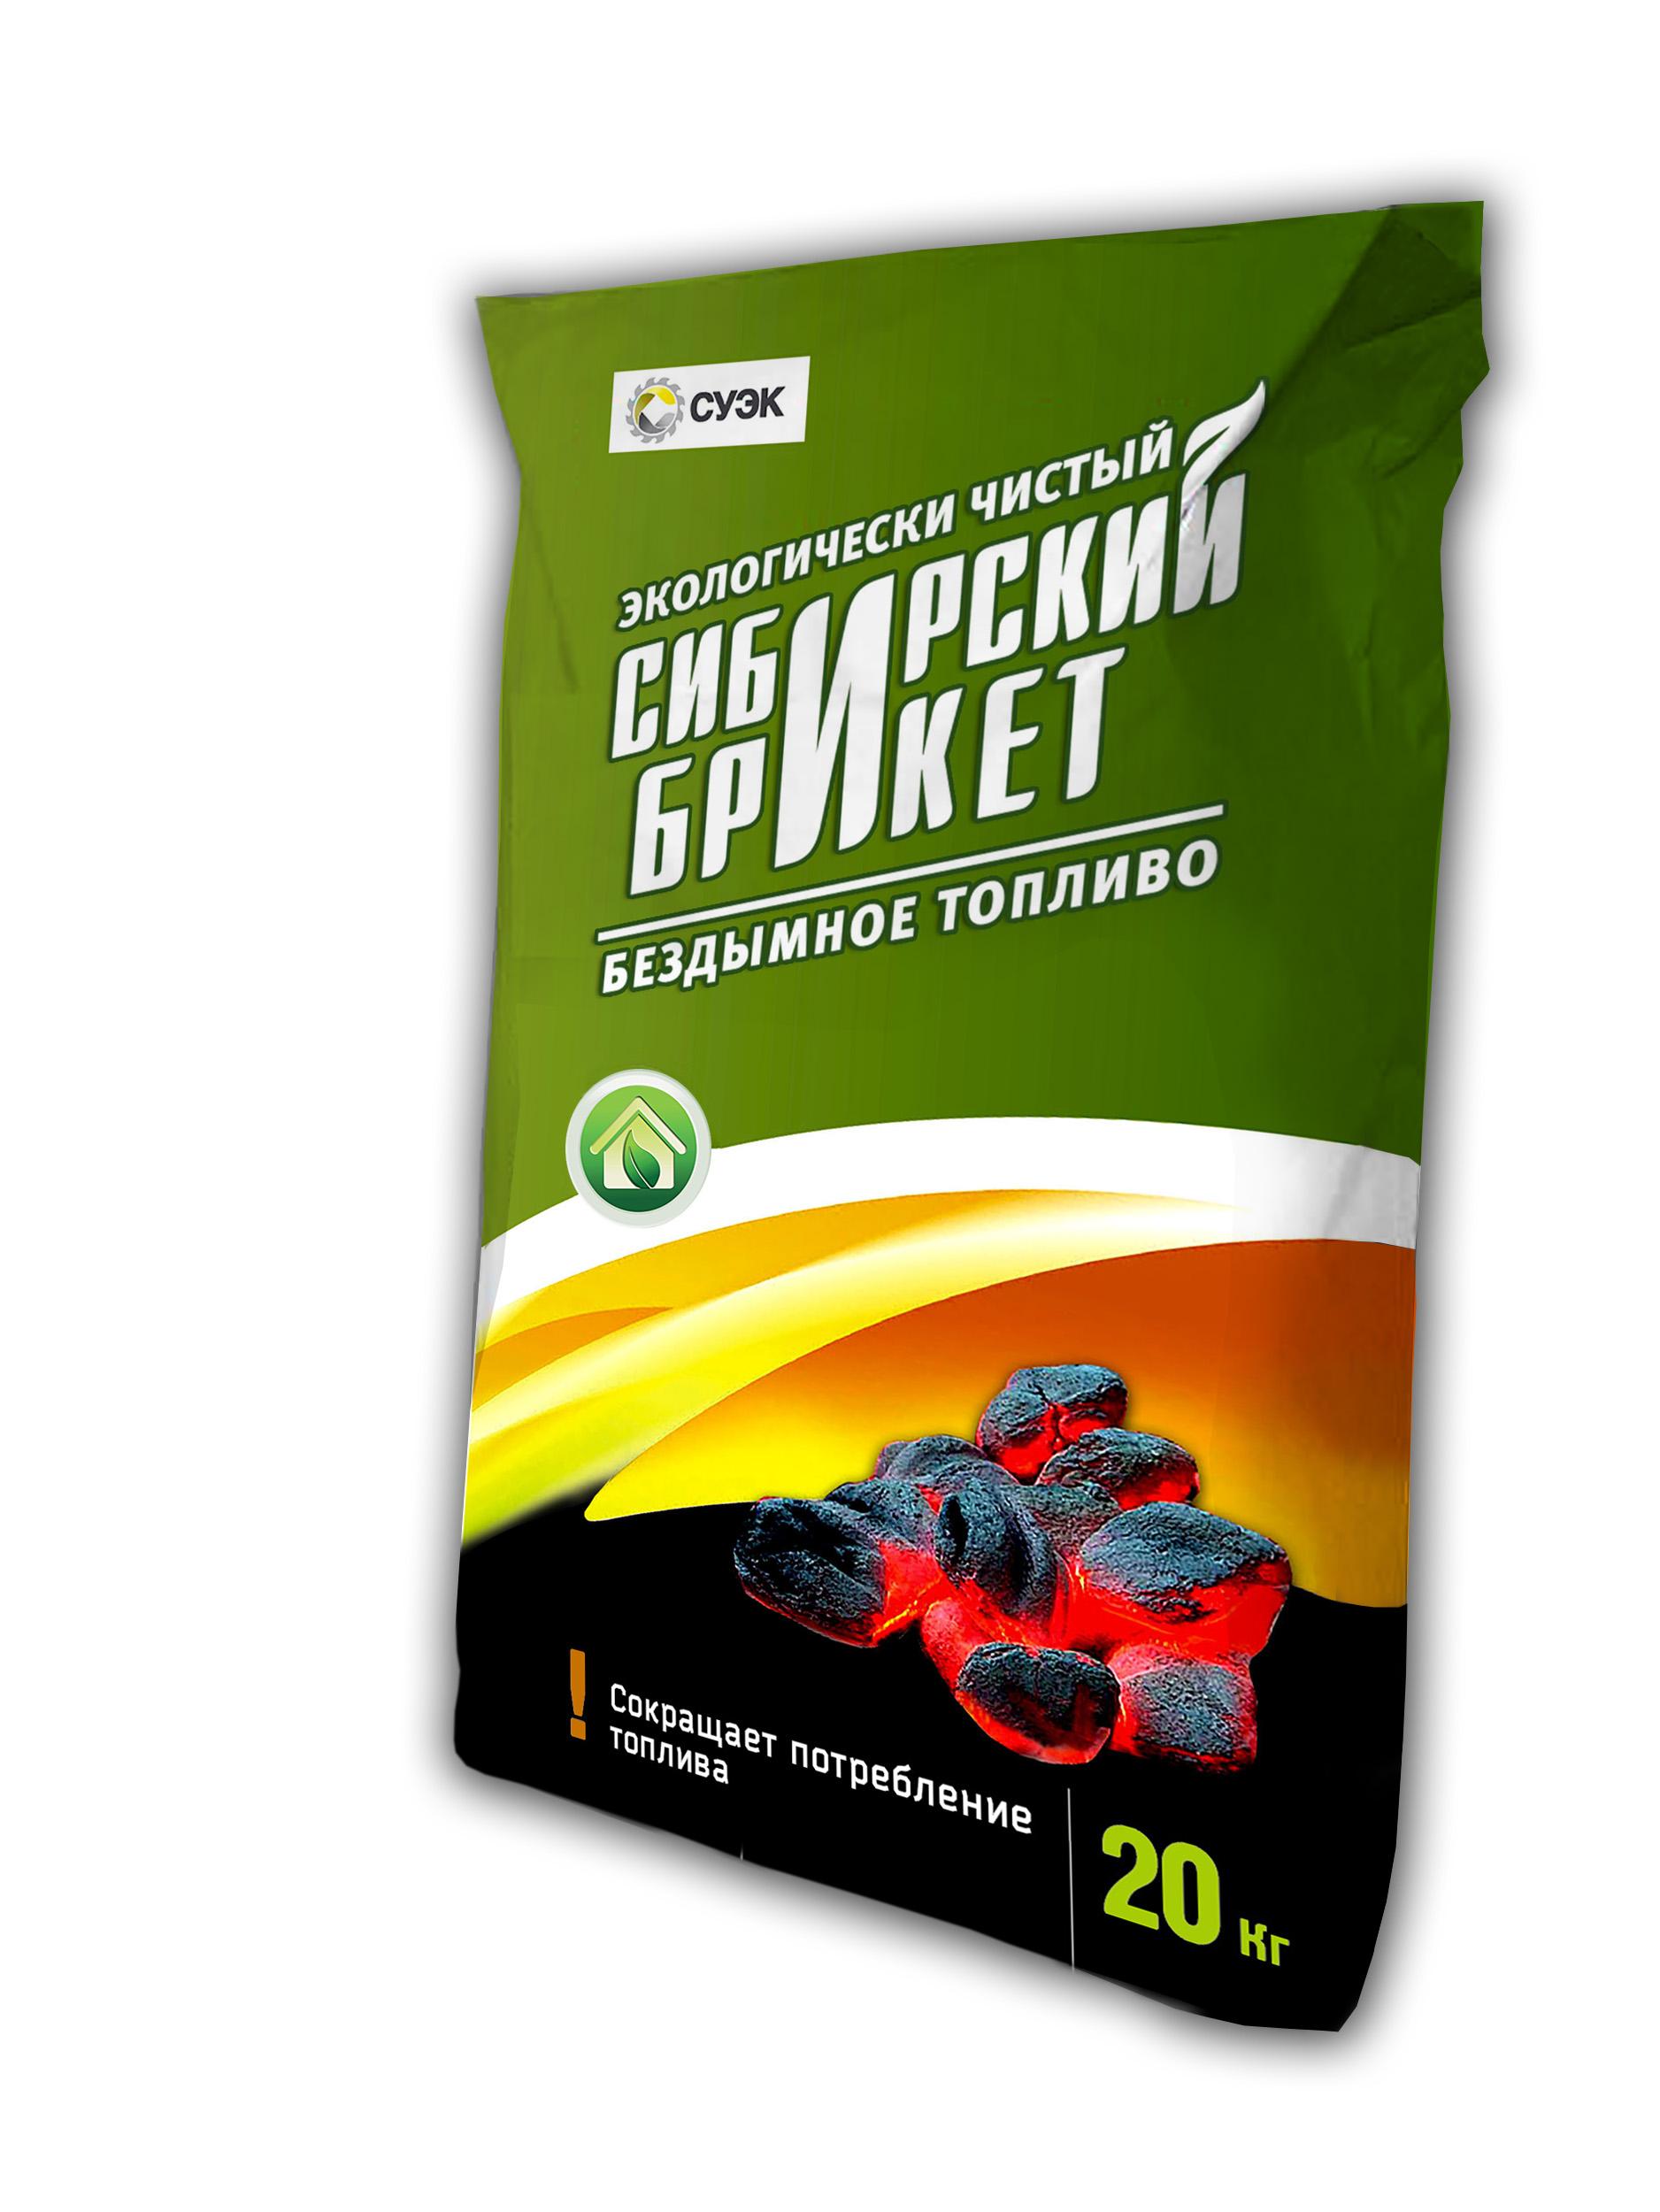 «Сибирский брикет» имеет ряд всероссийских премий и наград в области экологии и инноваций